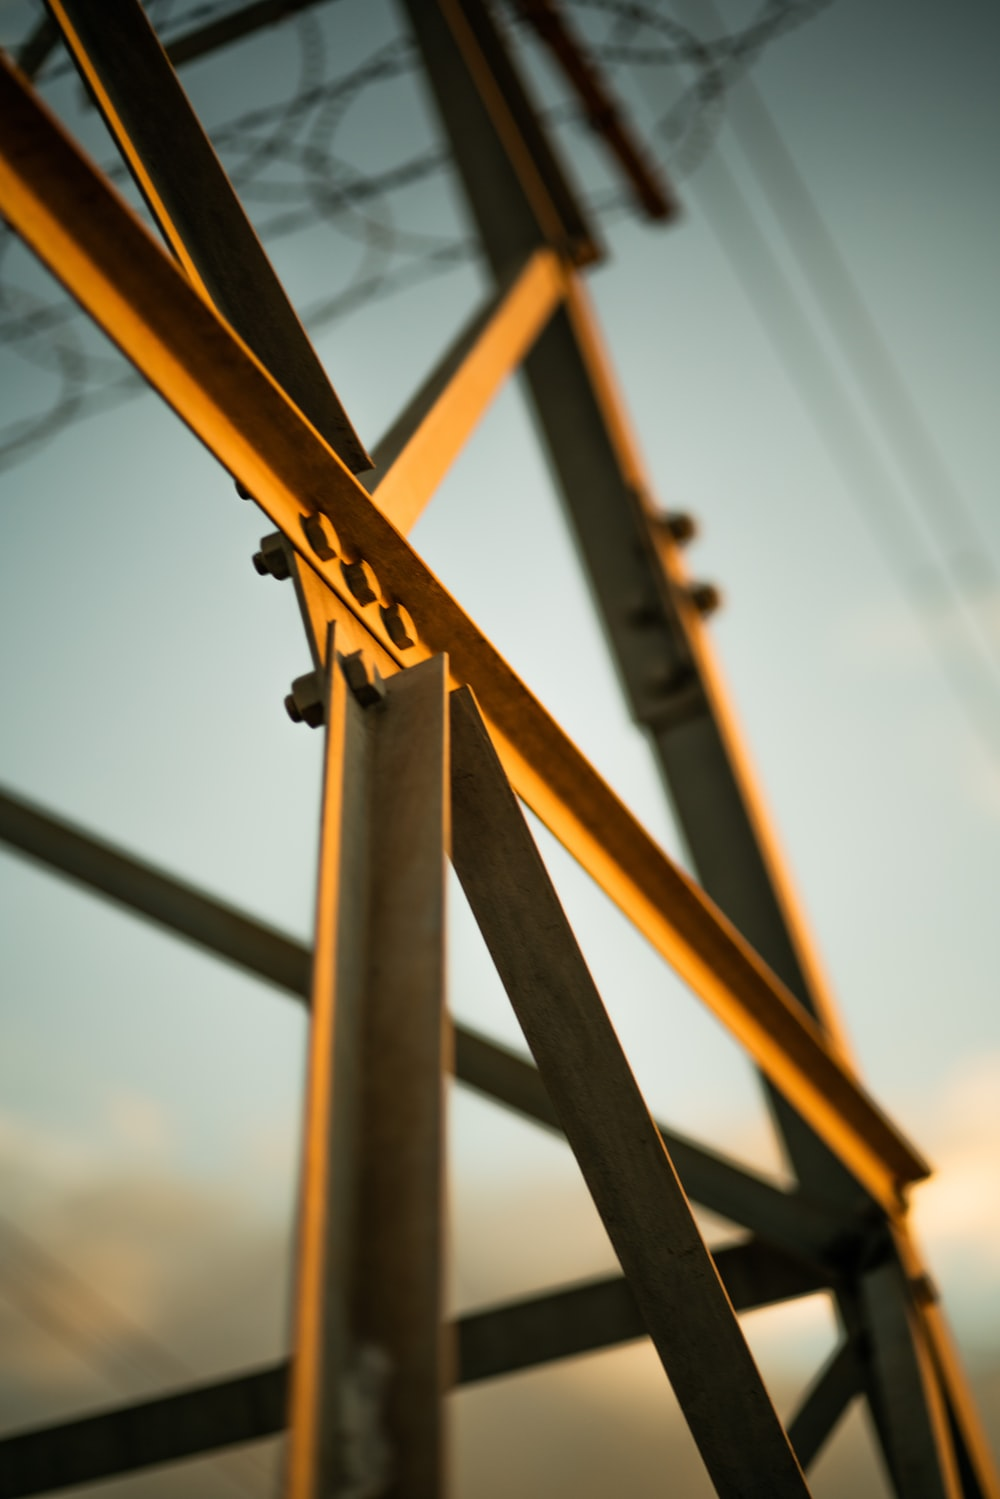 brown wooden ladder during daytime